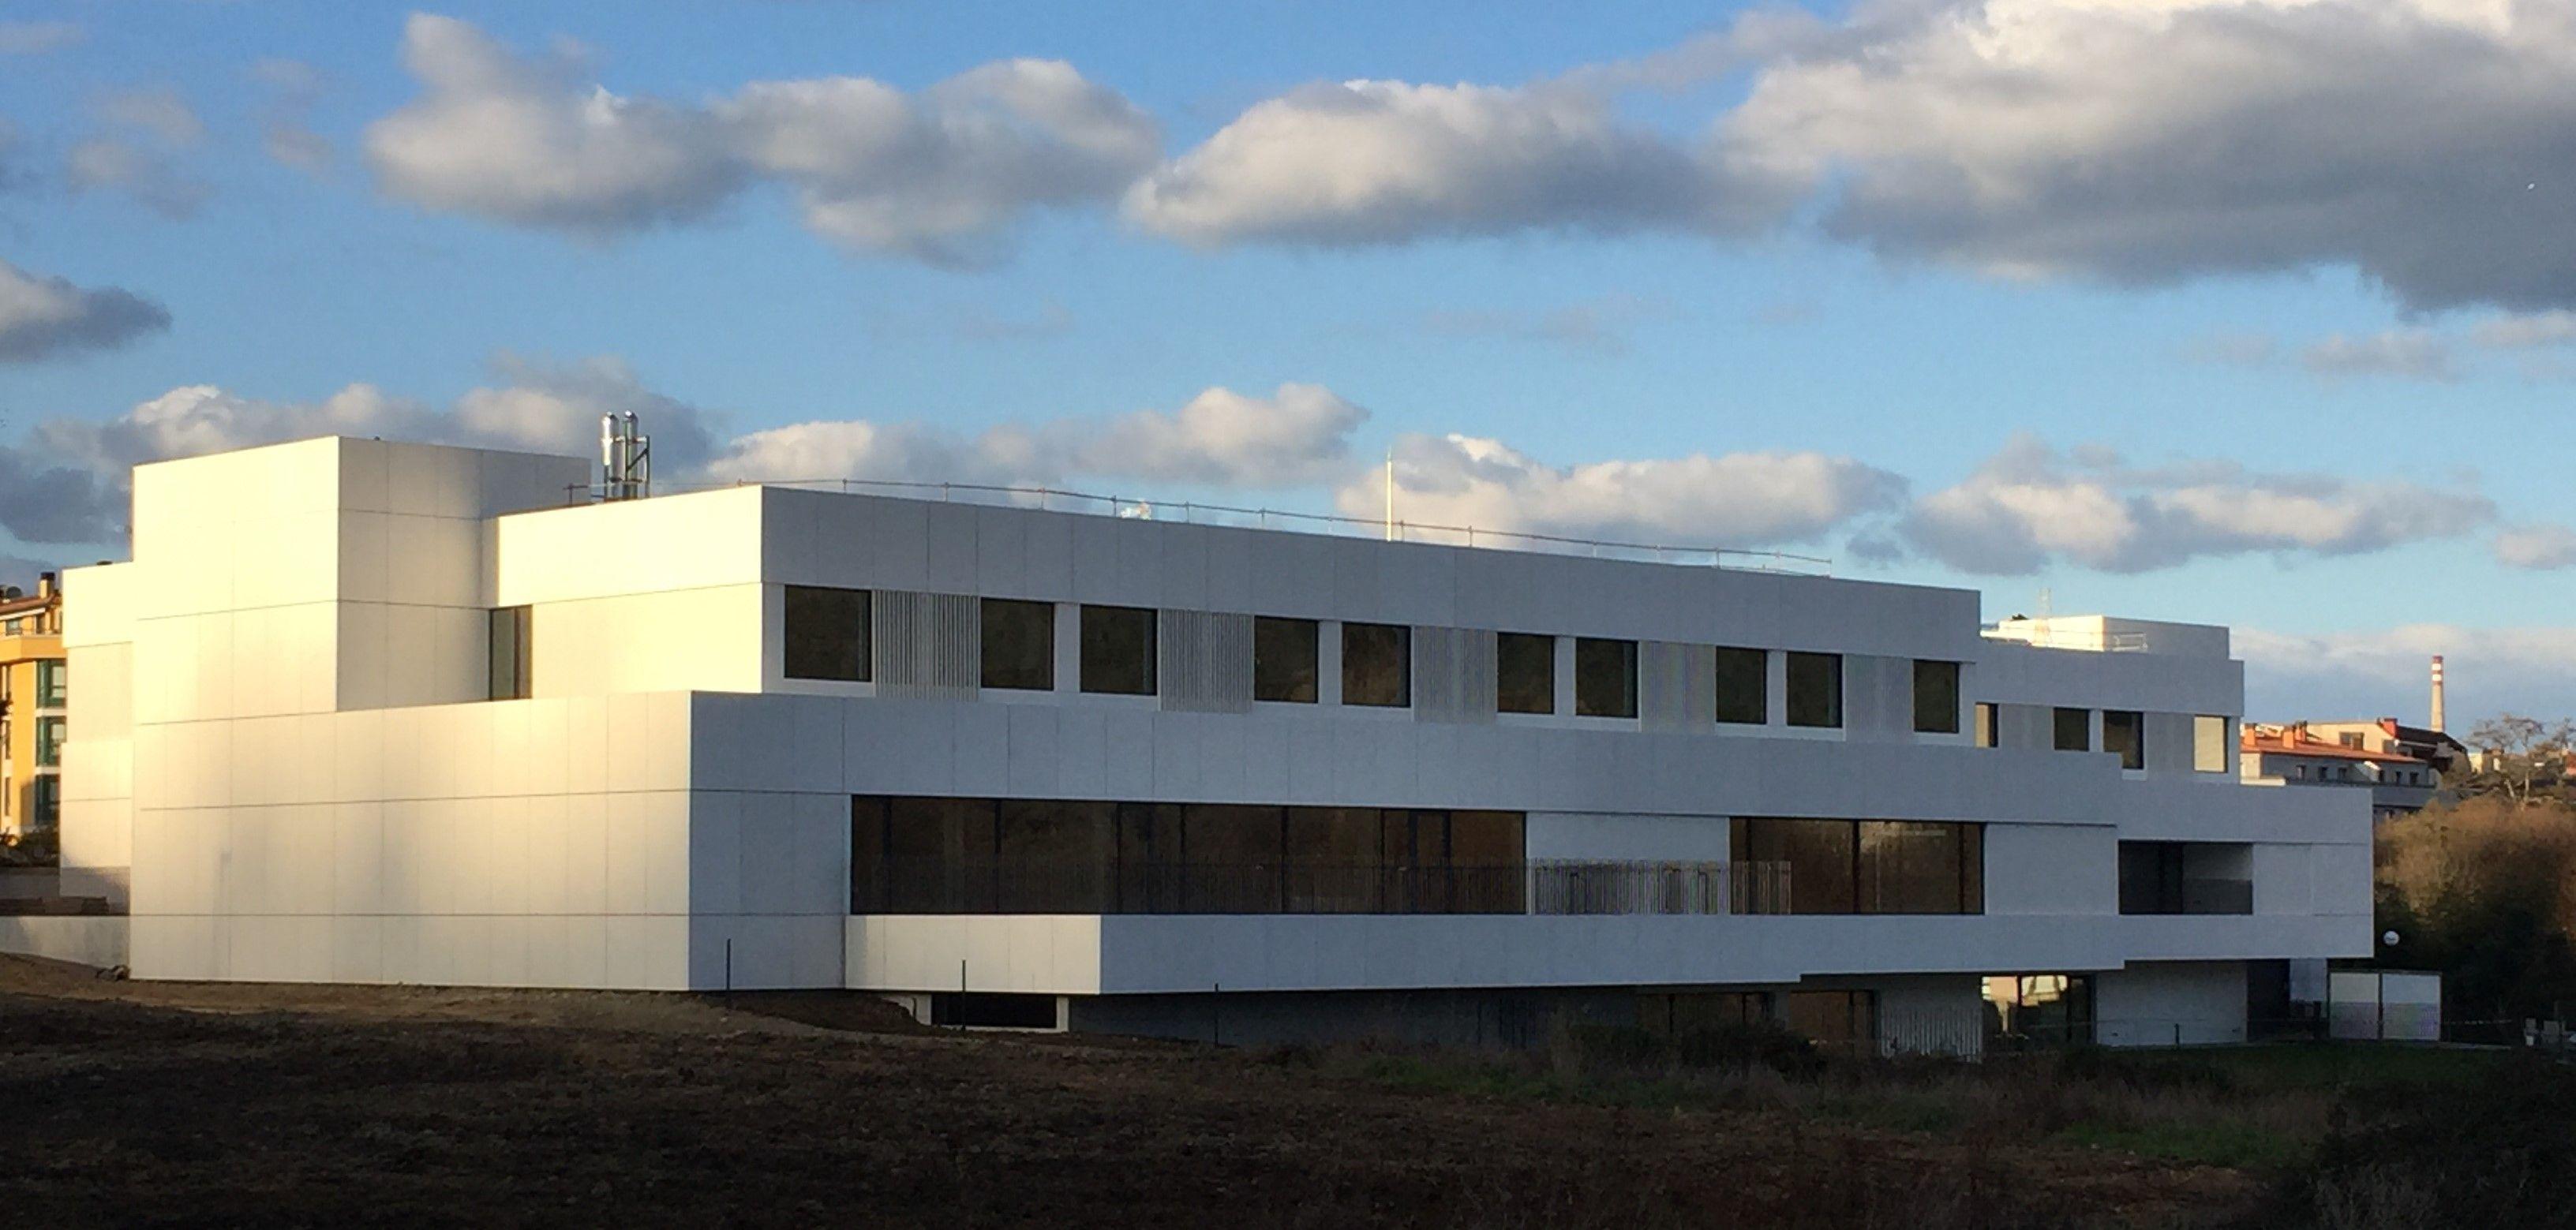 Edificio Inditex: Productos de Prefabricados Ponce